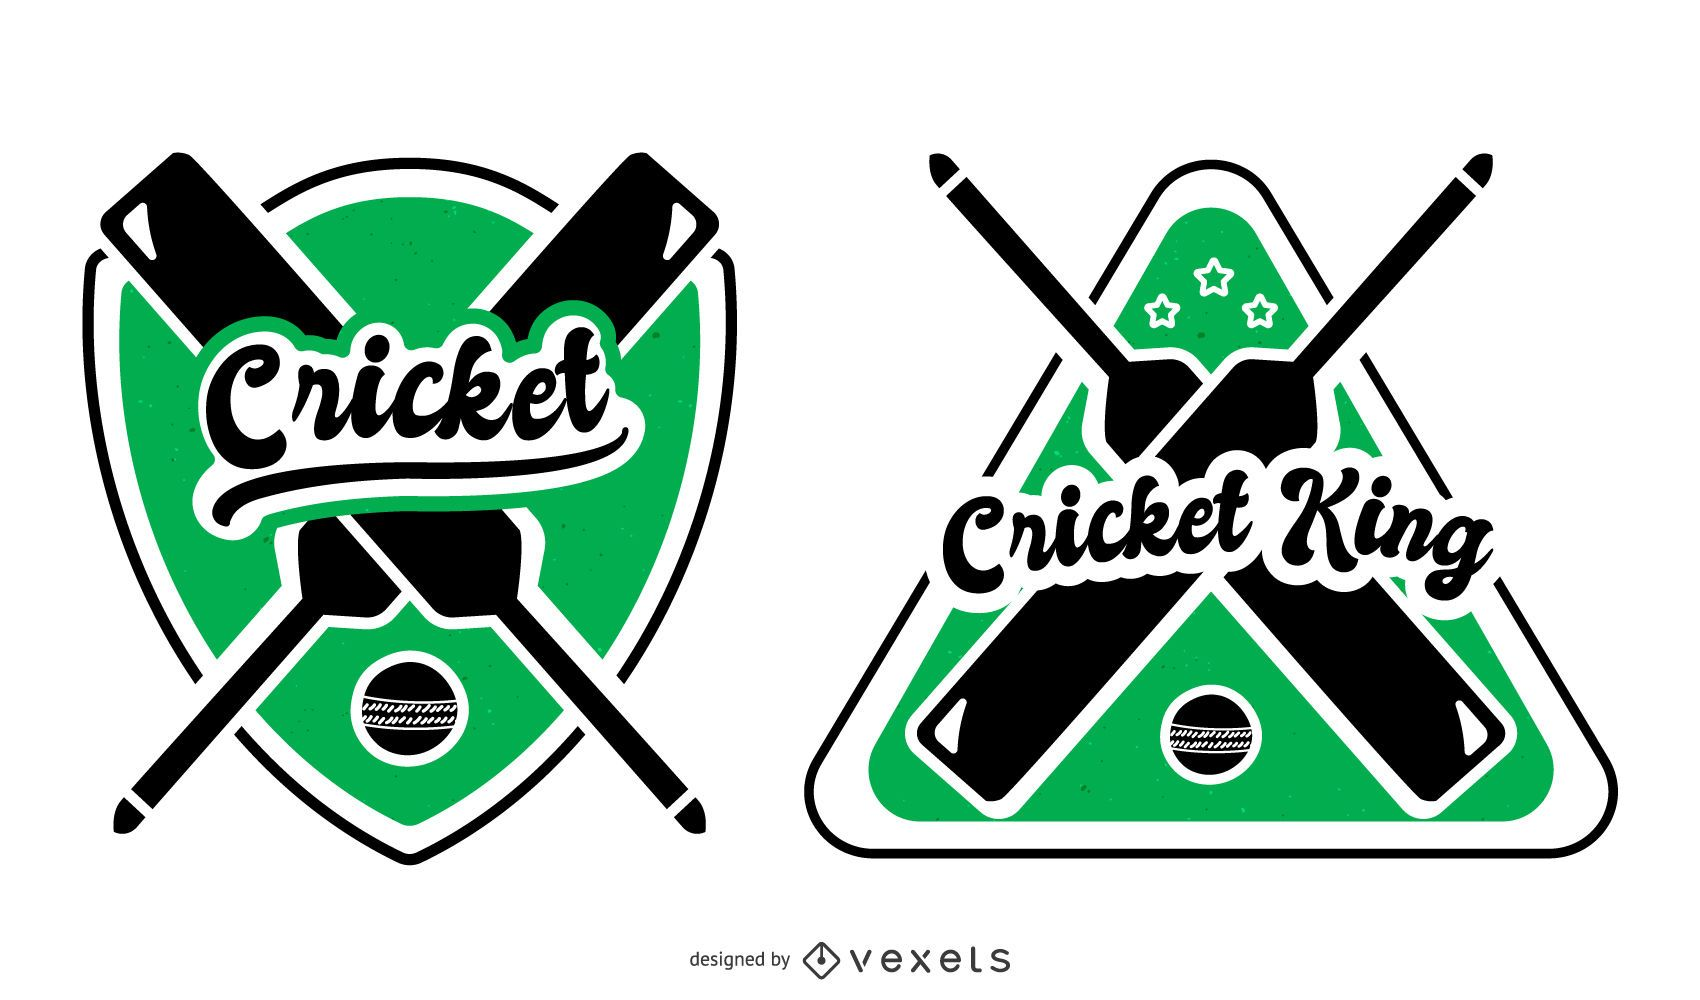 Ilustración de Cricket King